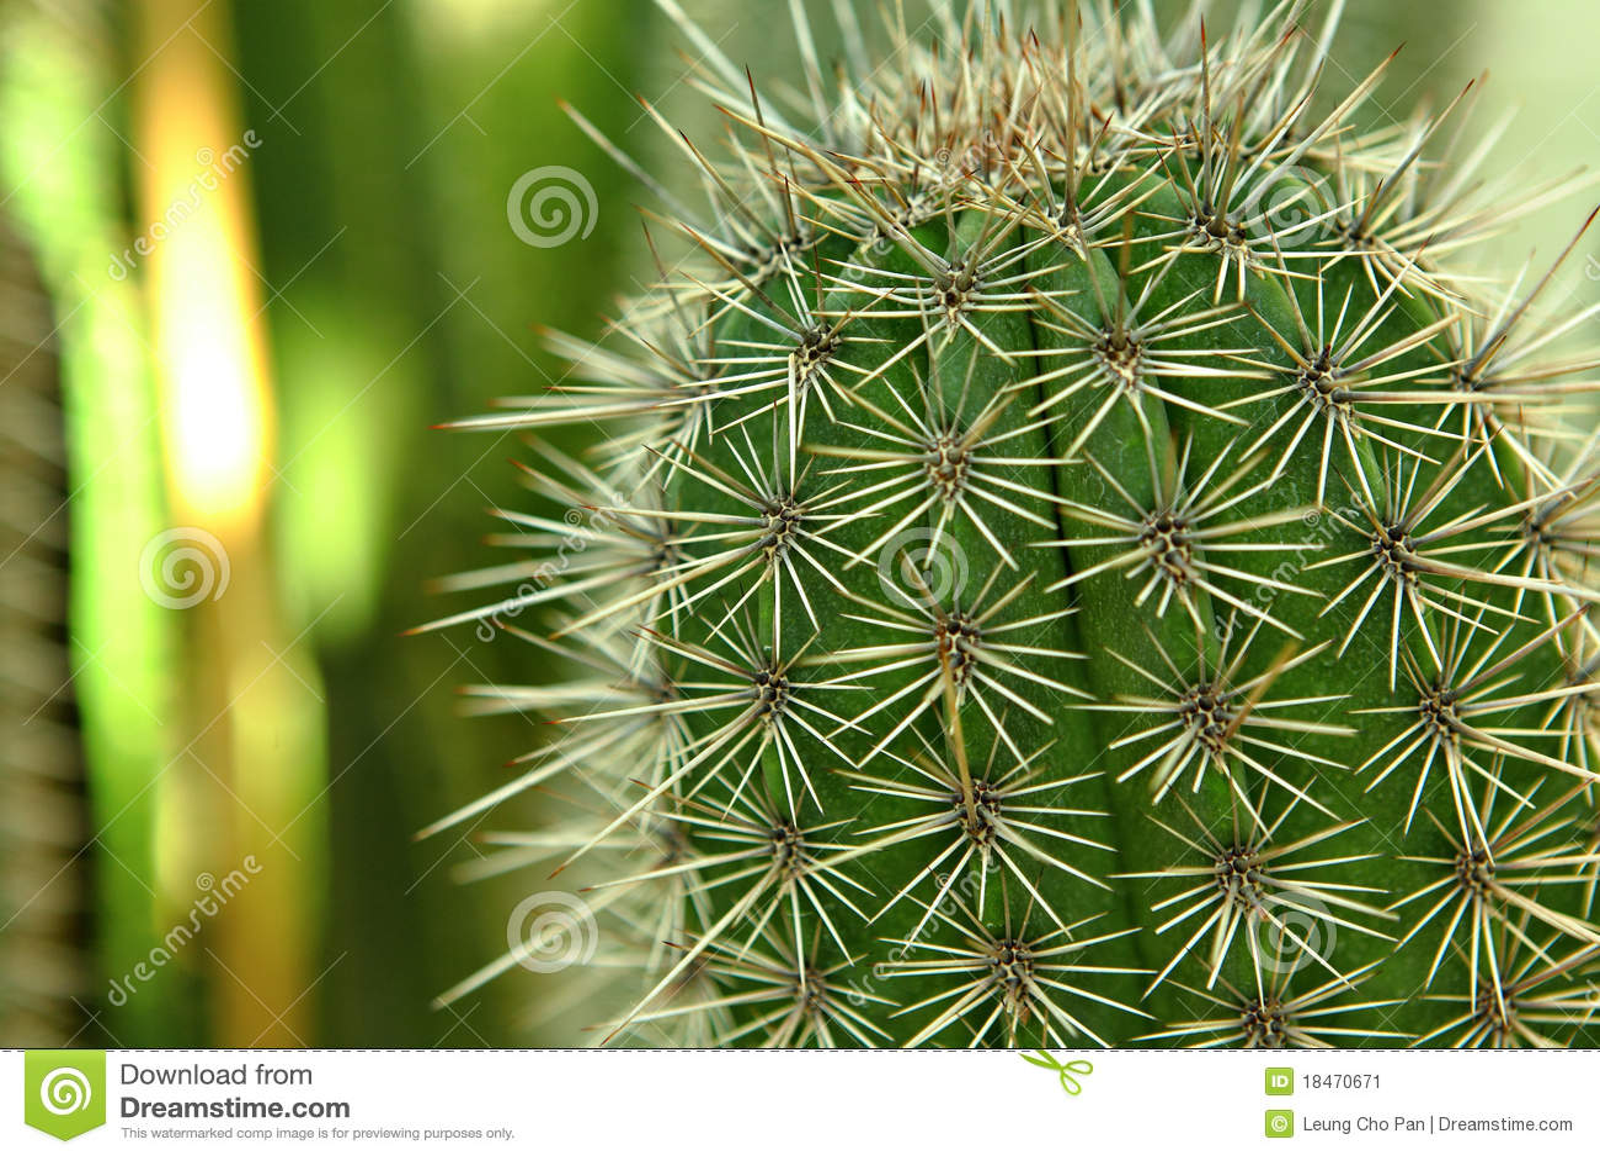 Cactus close up stock image. Image of botanical, globular - 18470671